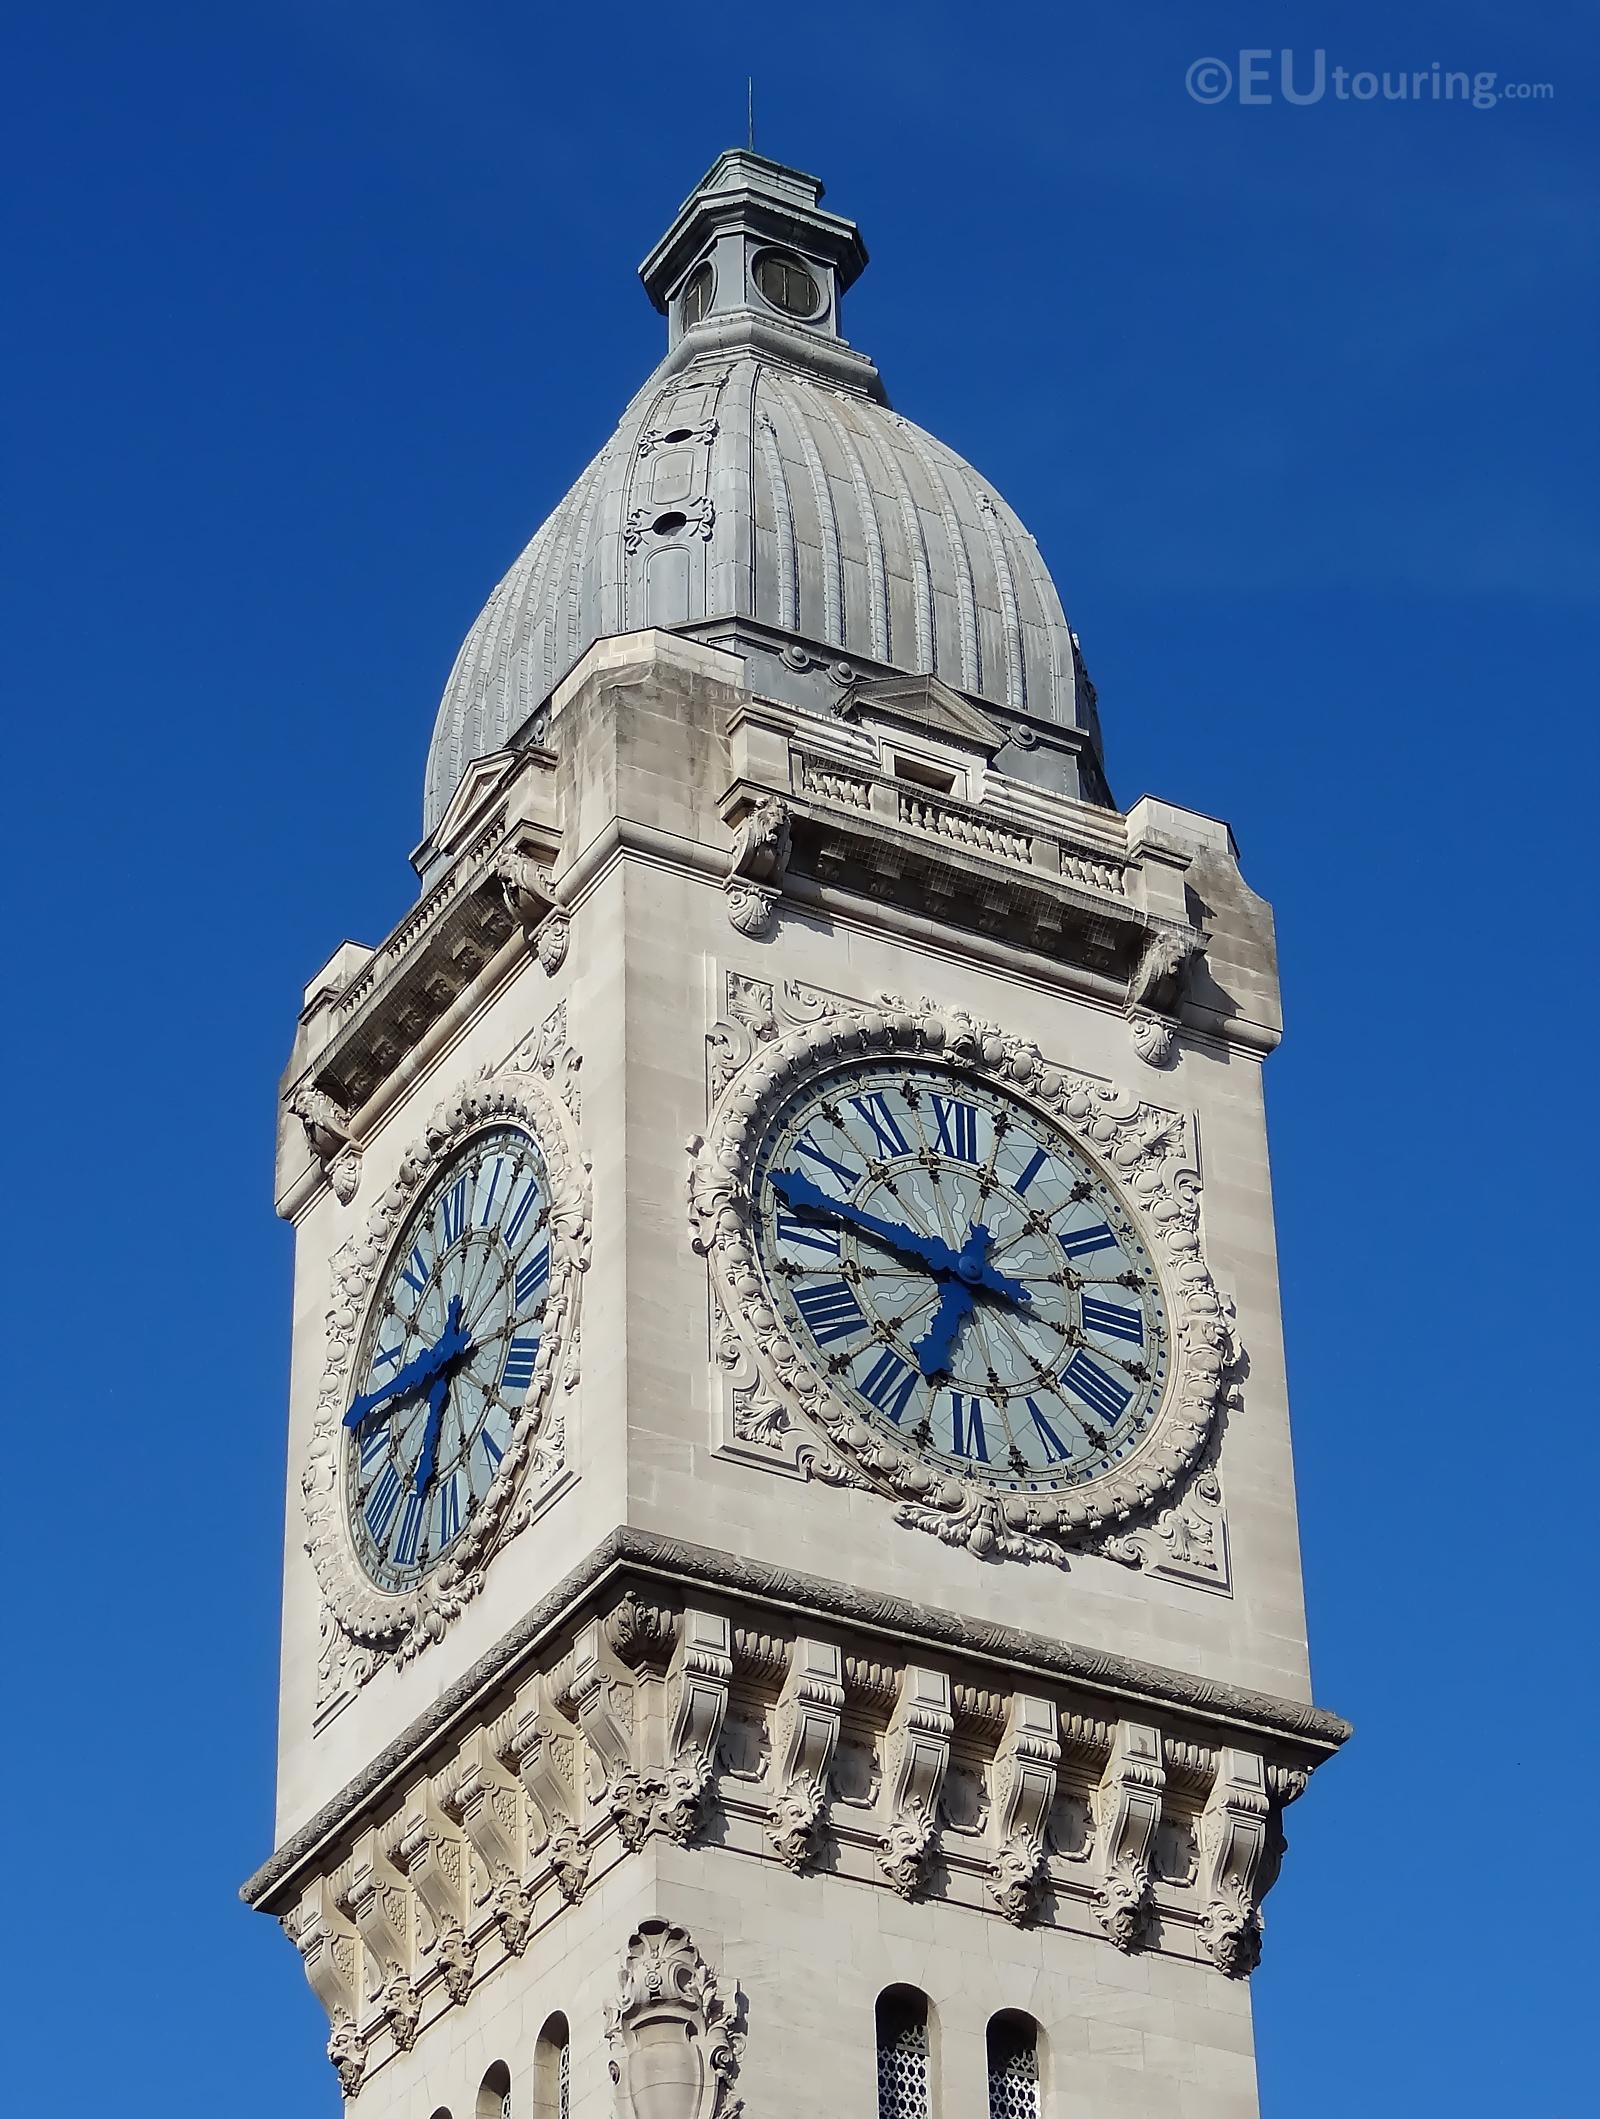 Gare de Lyon clock tower